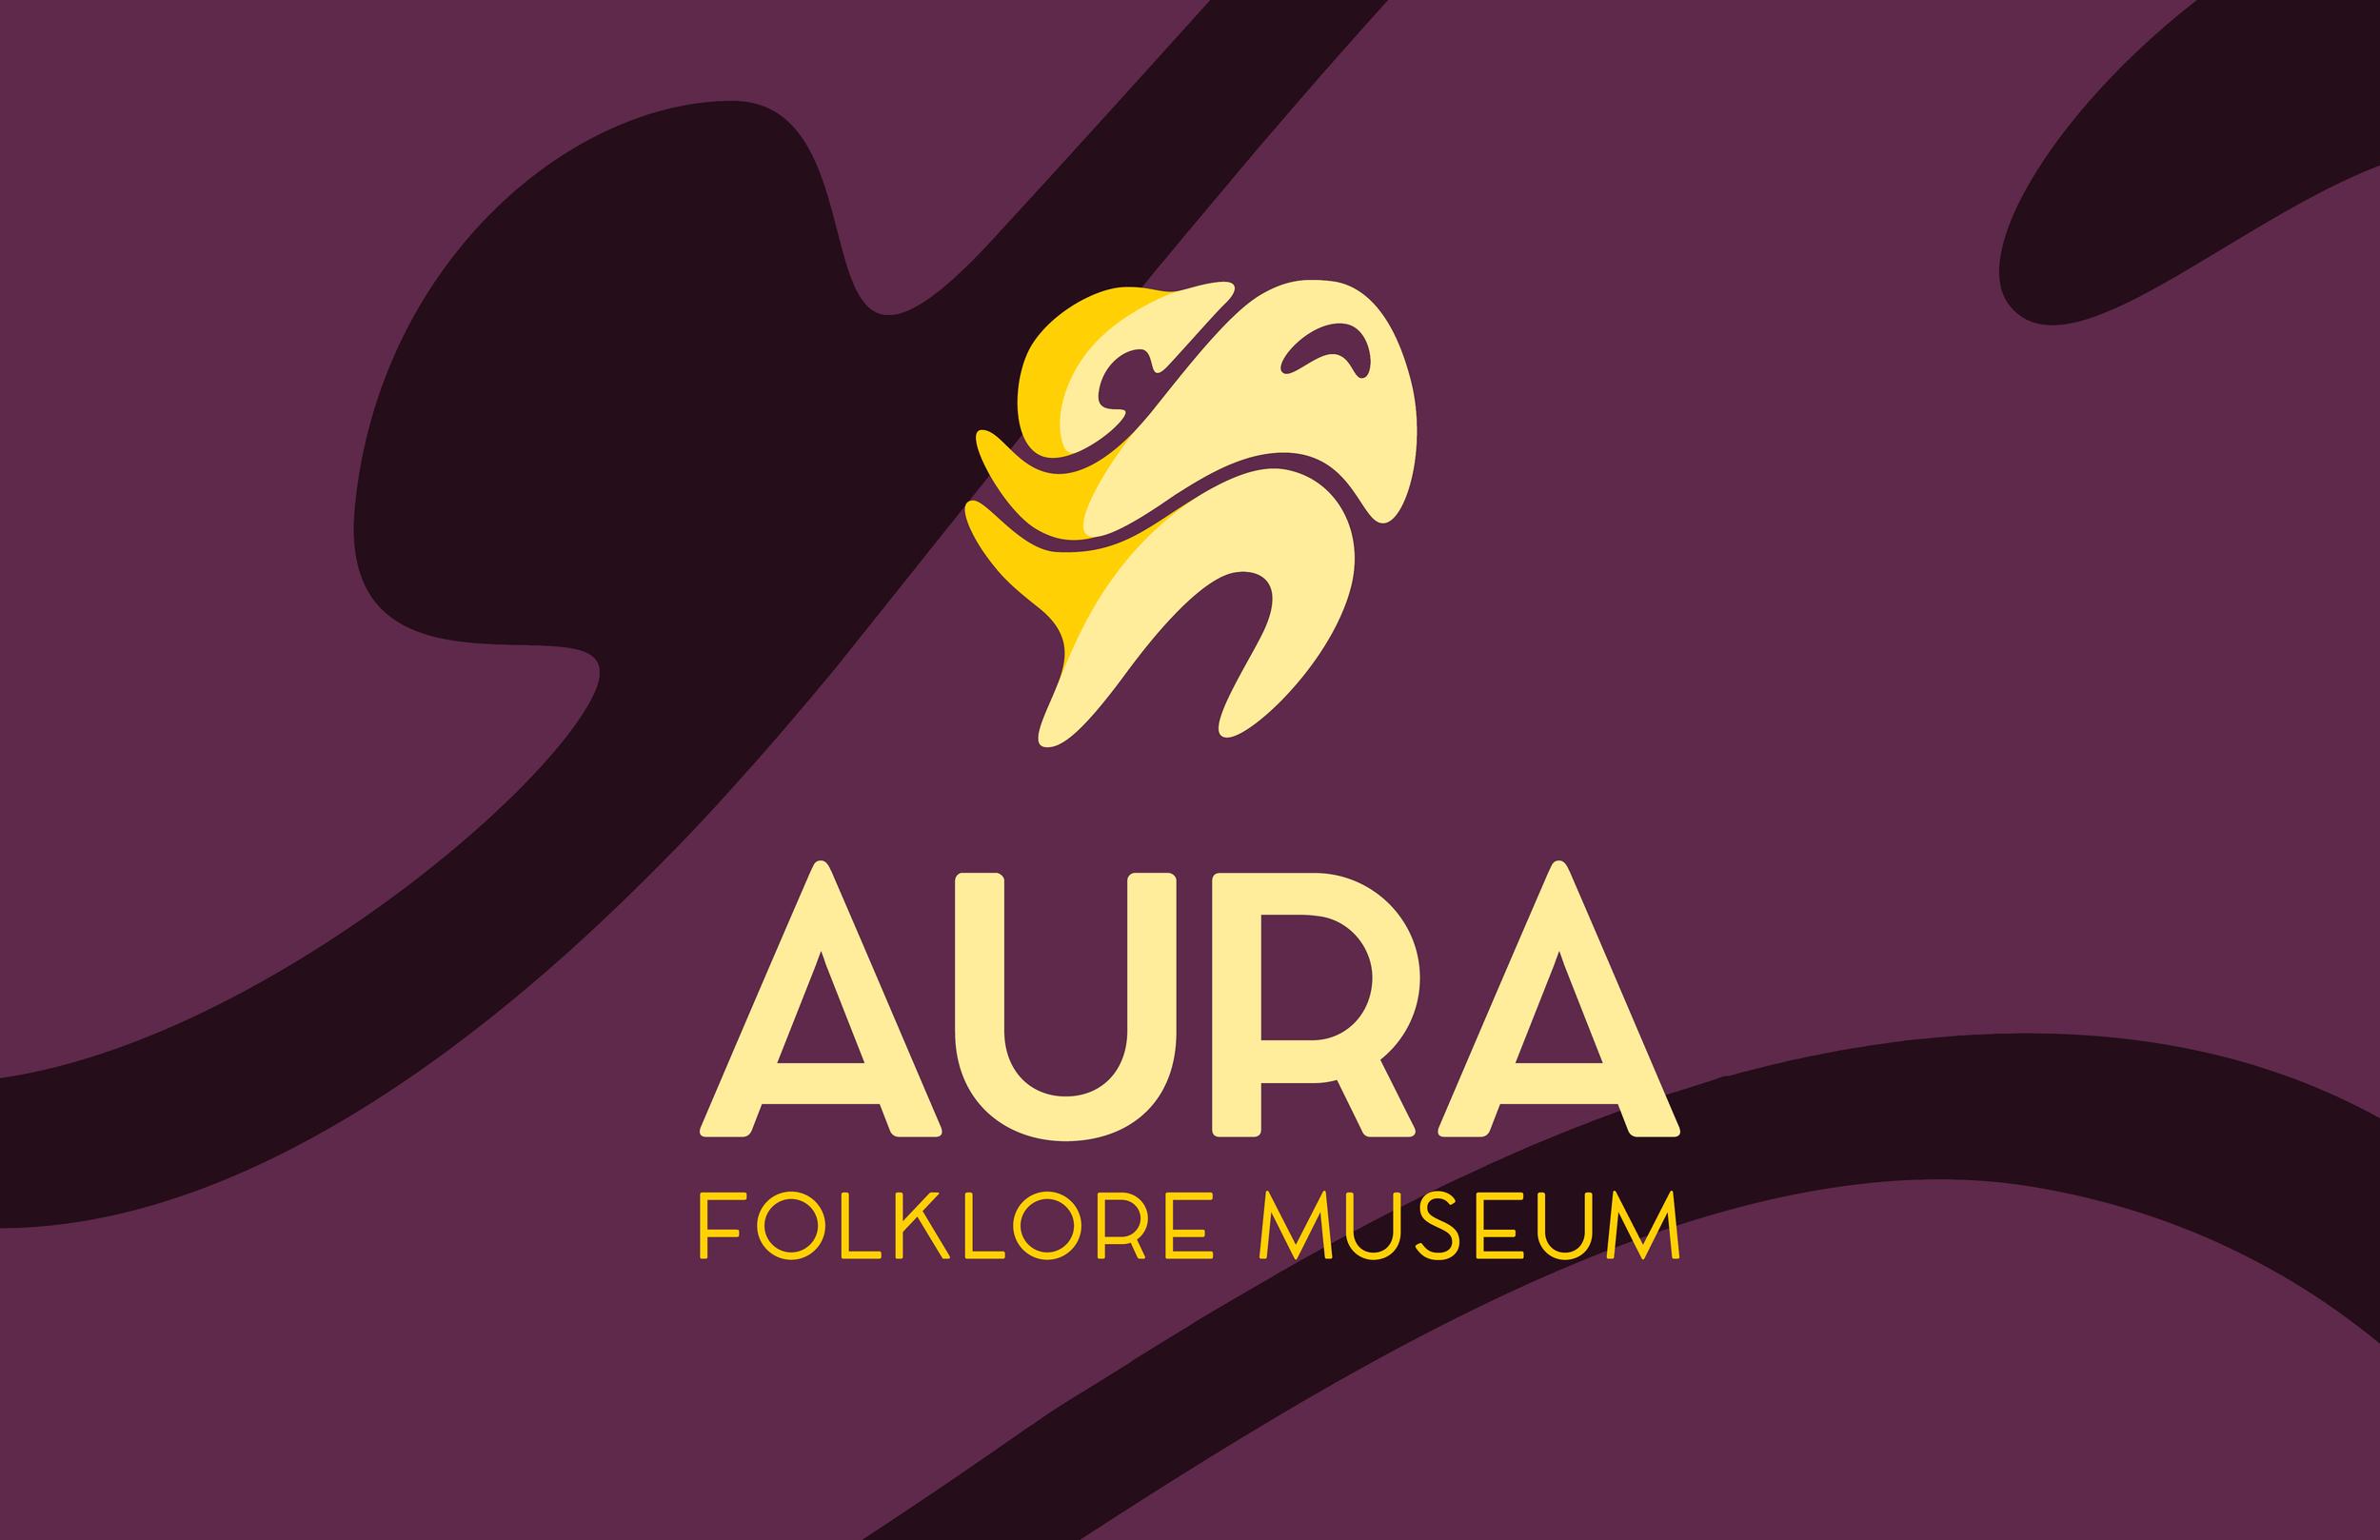 Aura Folklore Museum — Philip DeLonay